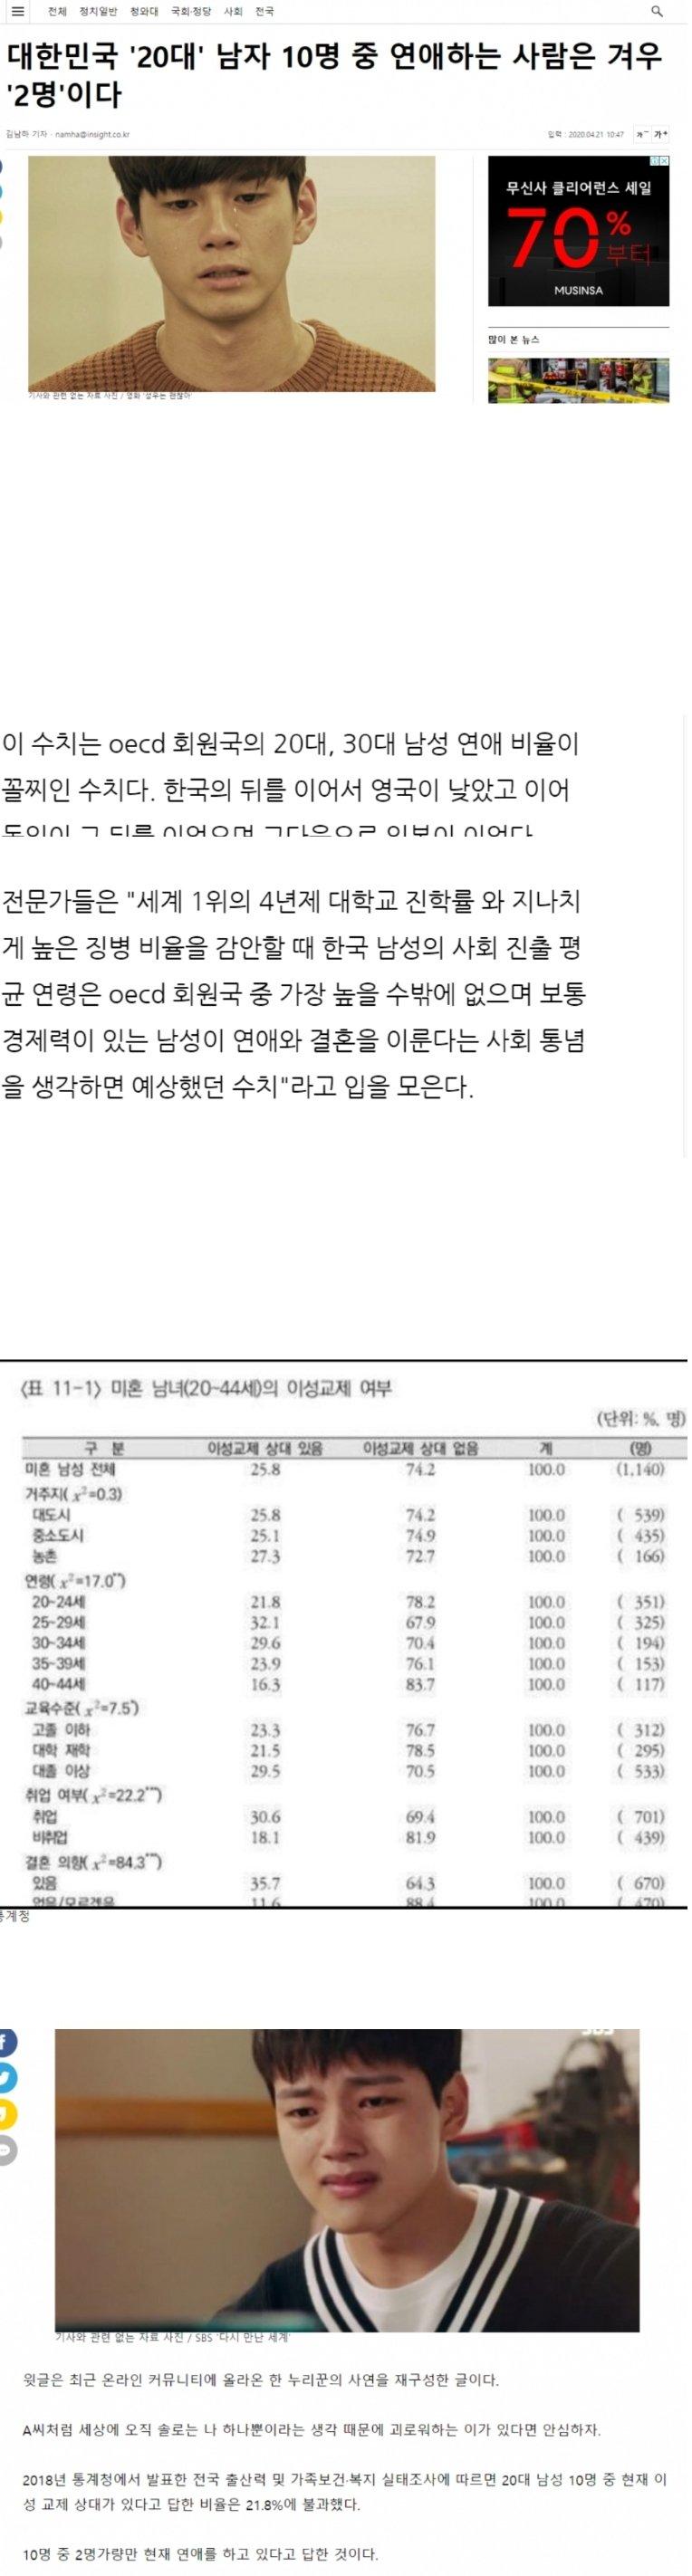 viewimage.php?id=39b2c52eeac7&no=24b0d769e1d32ca73dec87fa11d0283123a3619b5f9530e1a1306968e3ddca0a1ee1d3ebc11912dfcb2525b2bc7ef10bf9b4d5e653ab7fea5606d80d14b5f5c30d1ac51d555c7fc231d1141da4d4cfa73f9fb41767bcbcc3c86e474ccc